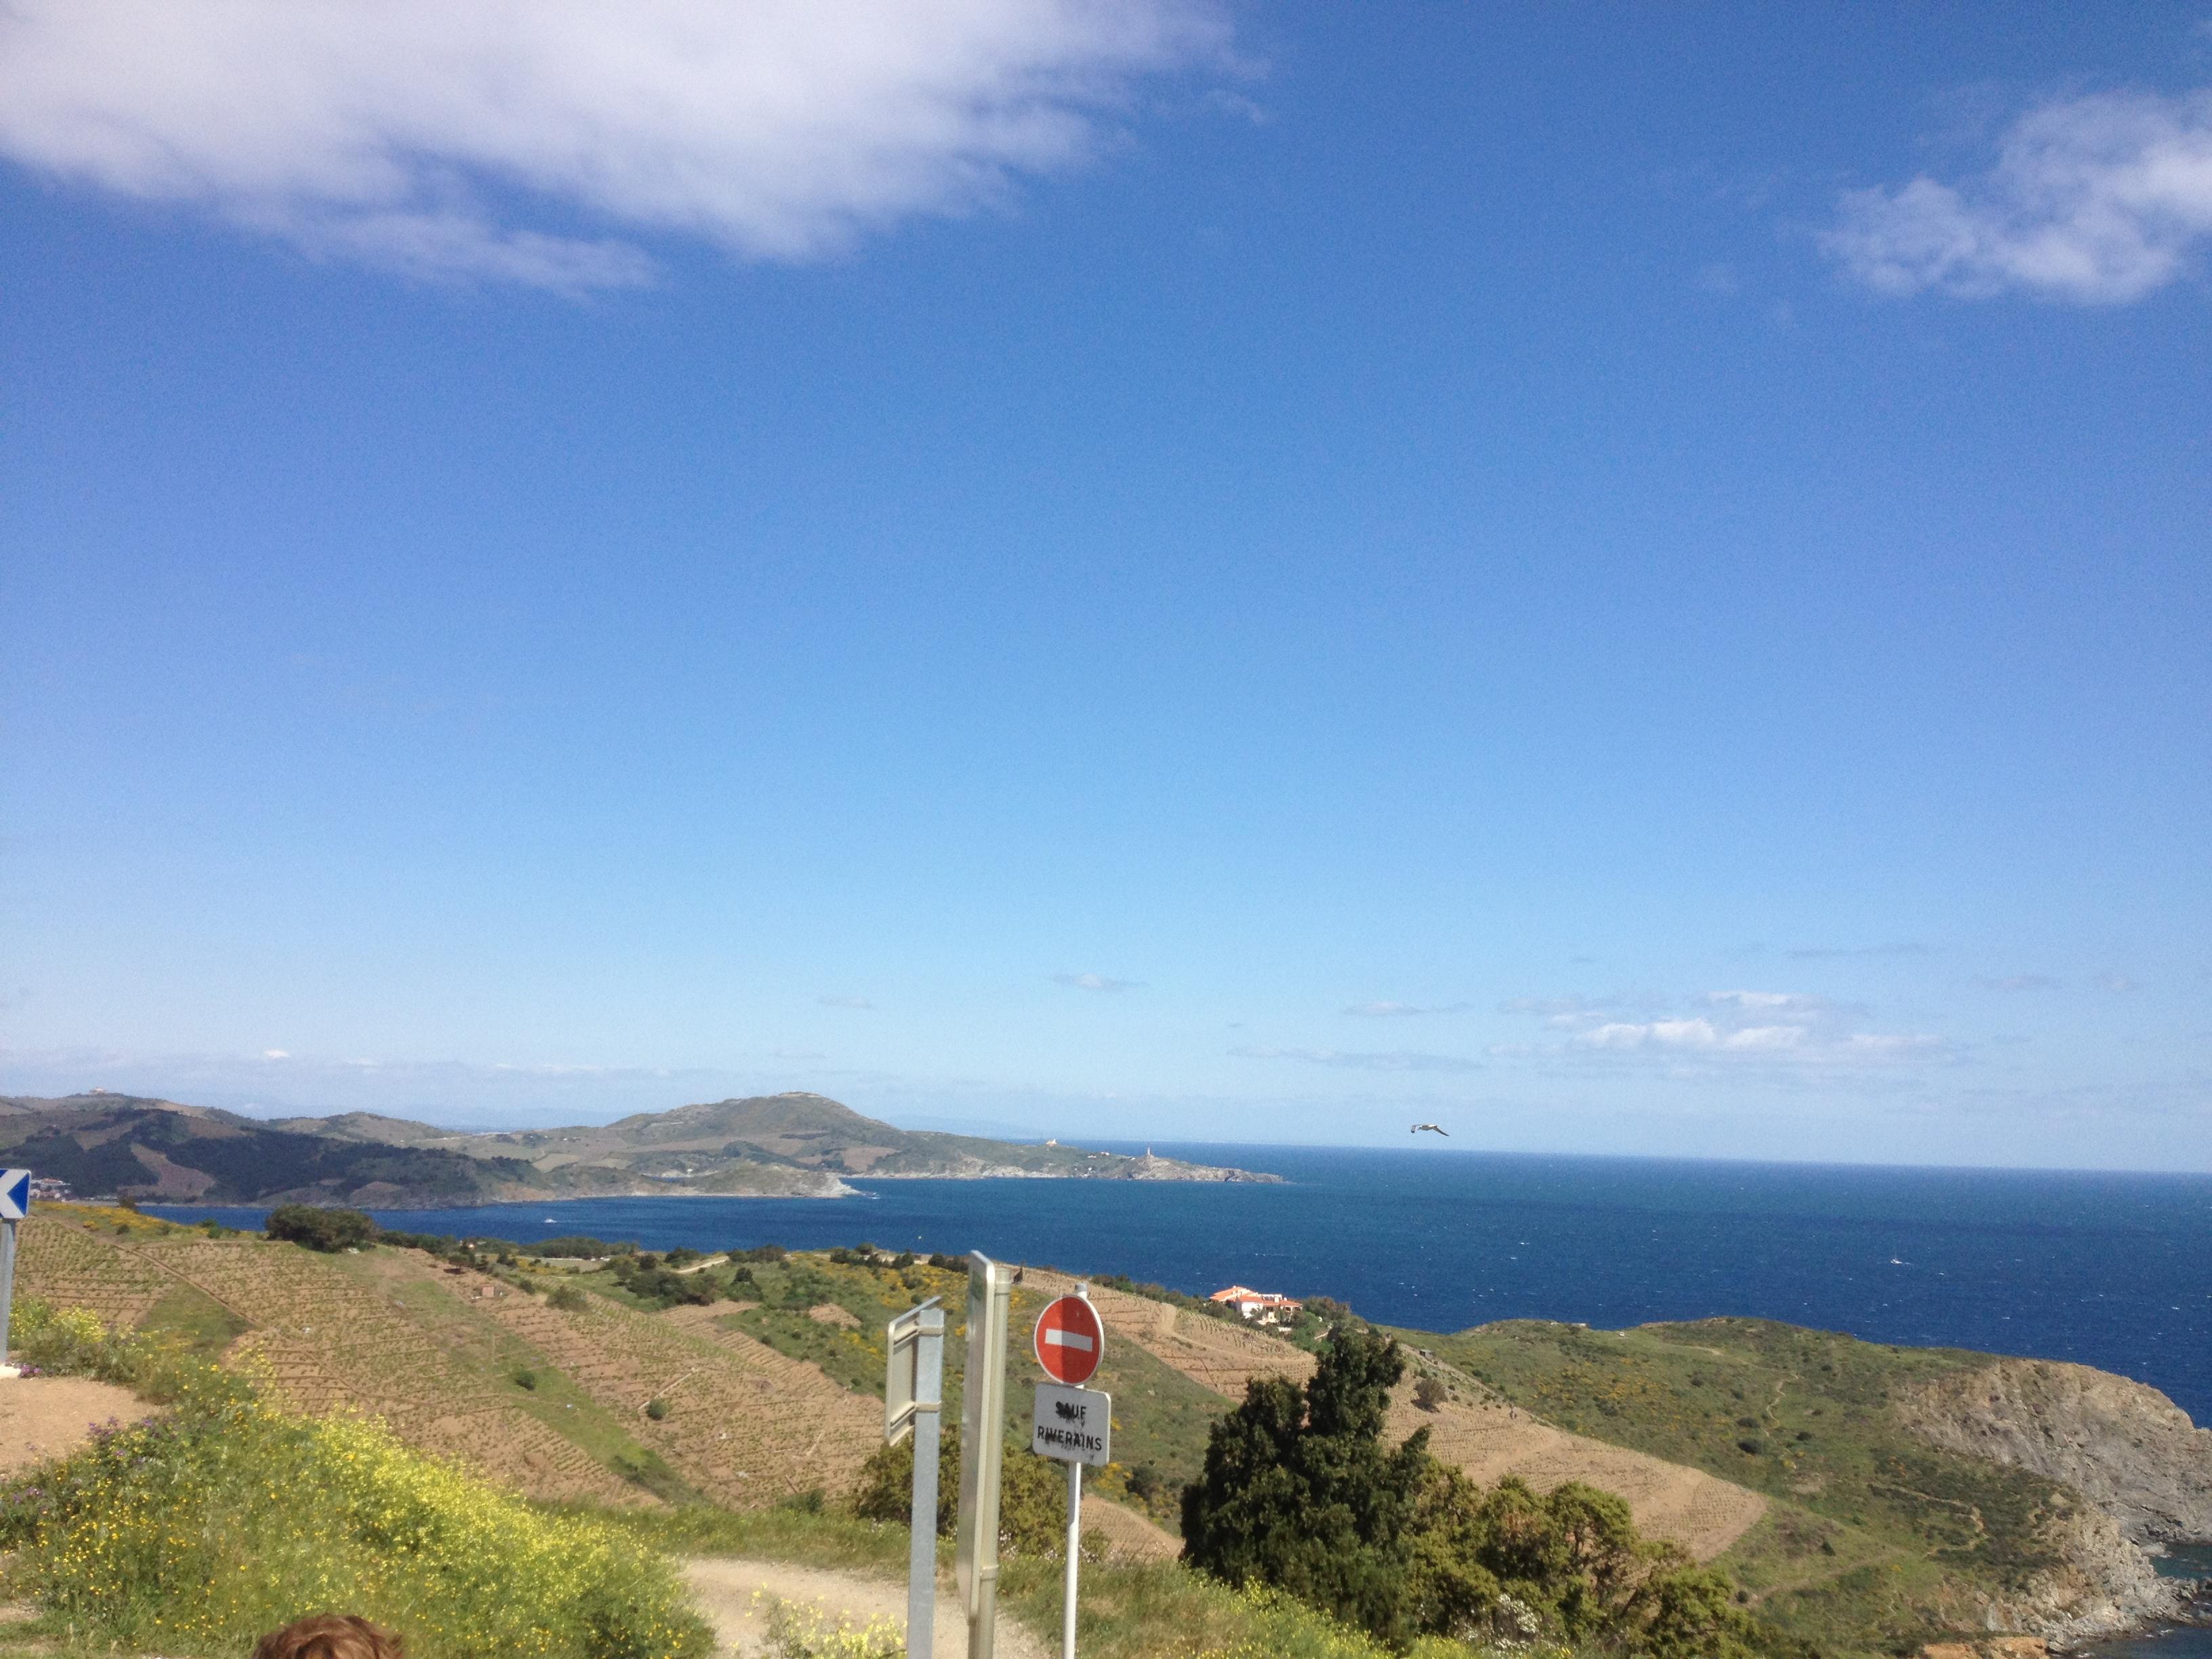 Week end mai 2013 à Cap Cerbere le 11 11-27-52